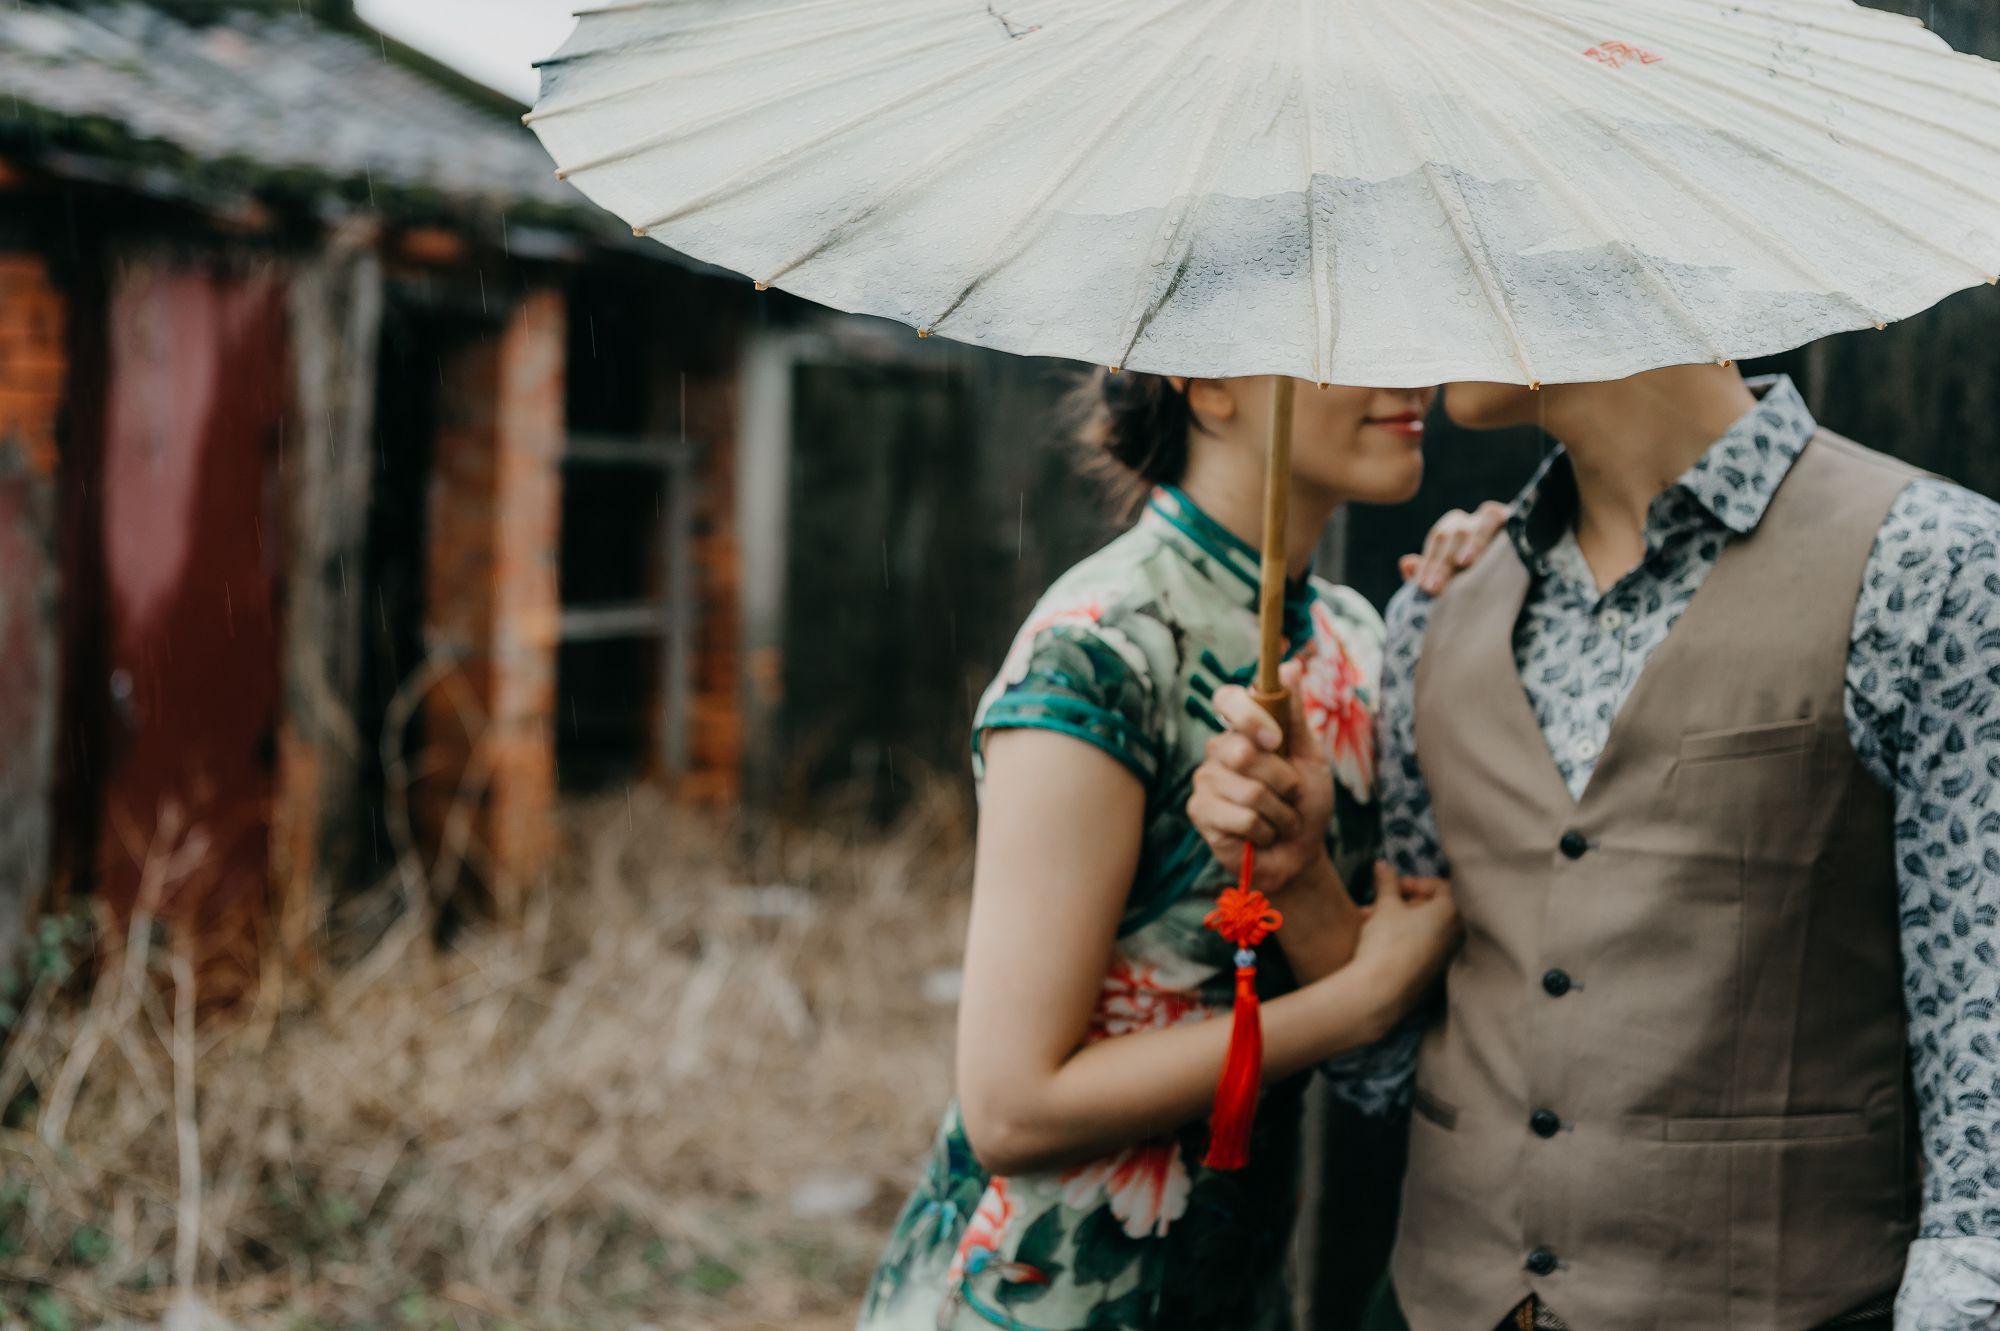 自助婚紗,婚禮攝影,婚紗攝影,攝影工作室,七顆梨,西服,旗袍,棚拍,外拍景點,新秘,新娘物語推薦,美式婚紗,攝影棚,淡水外拍,清新自然,BinmaArea134,攝影基地